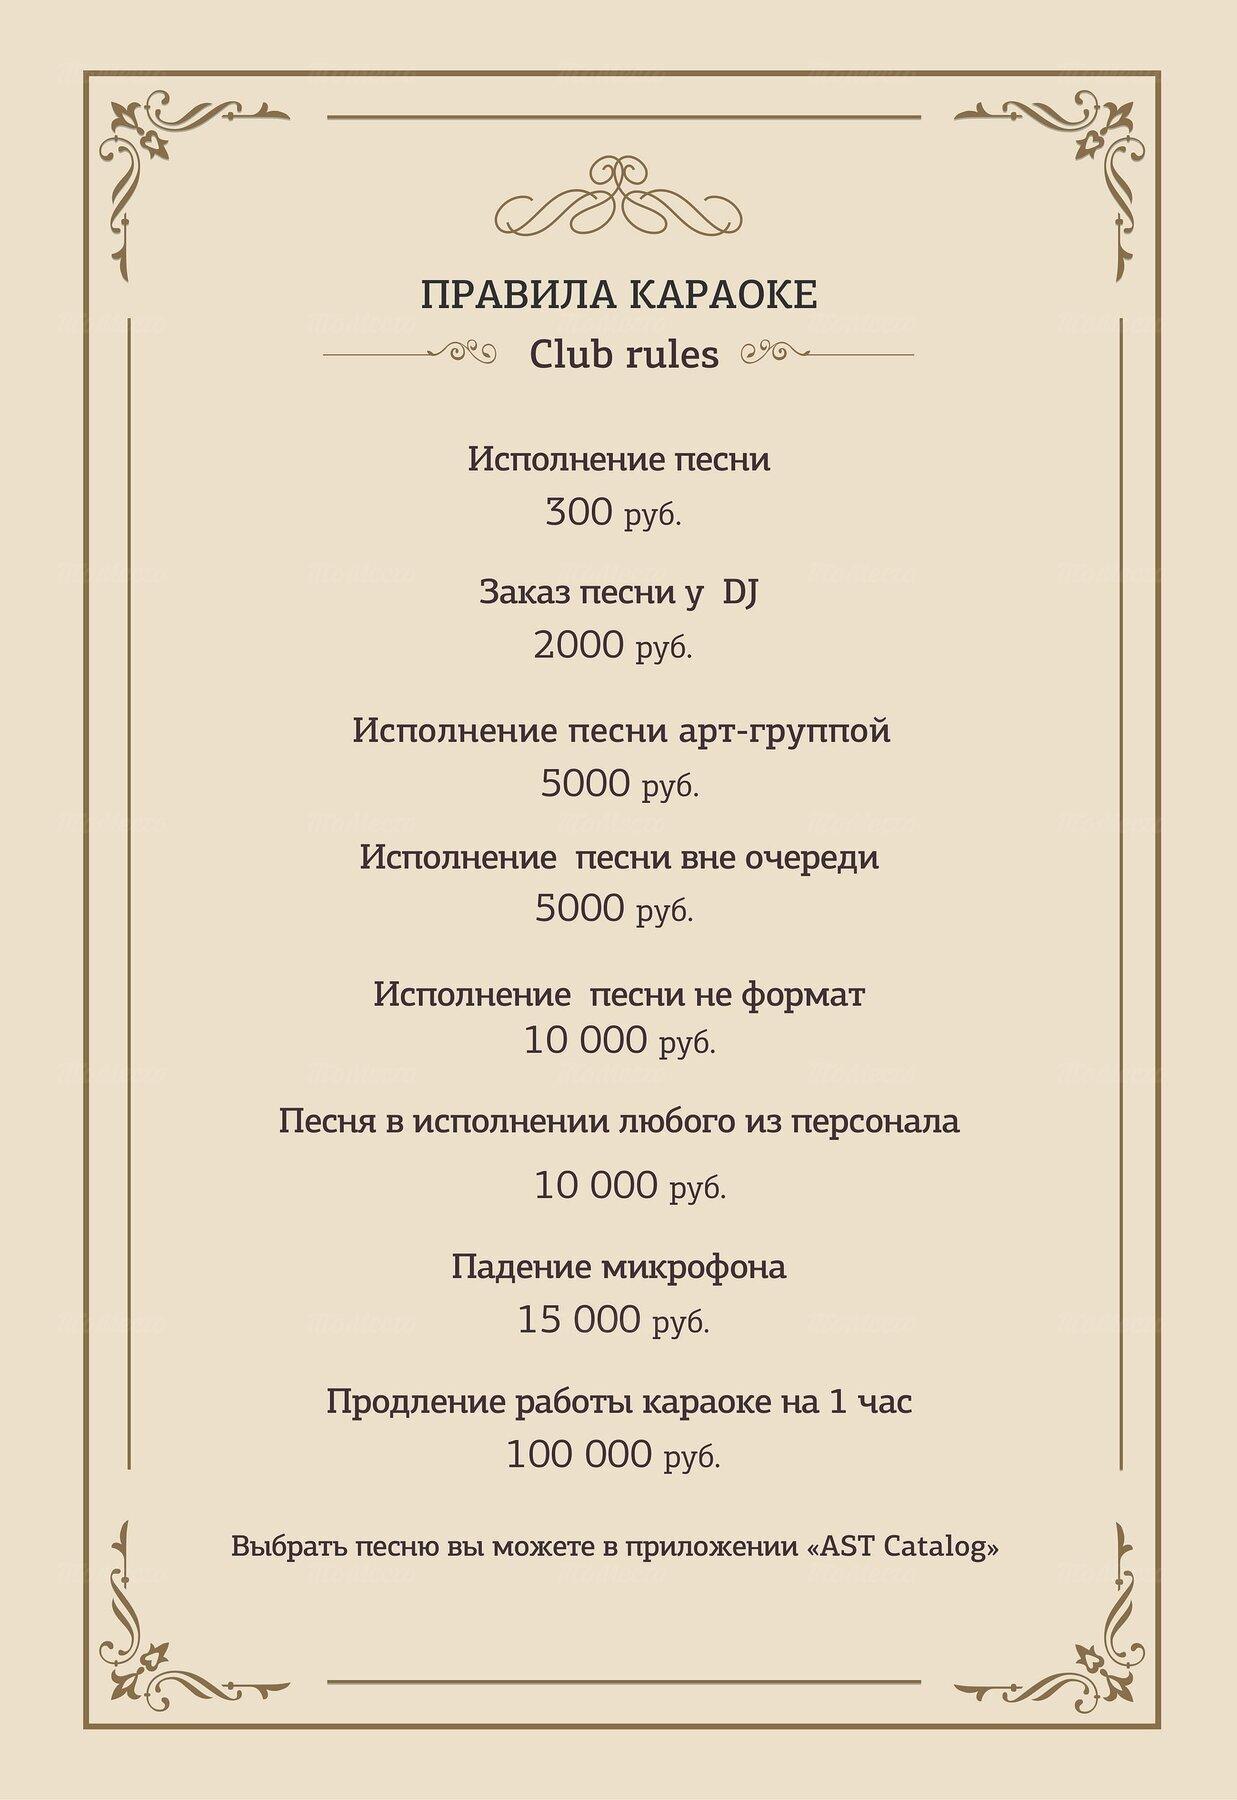 Меню караоке клуб Сопрано на Невском проспекте фото 13